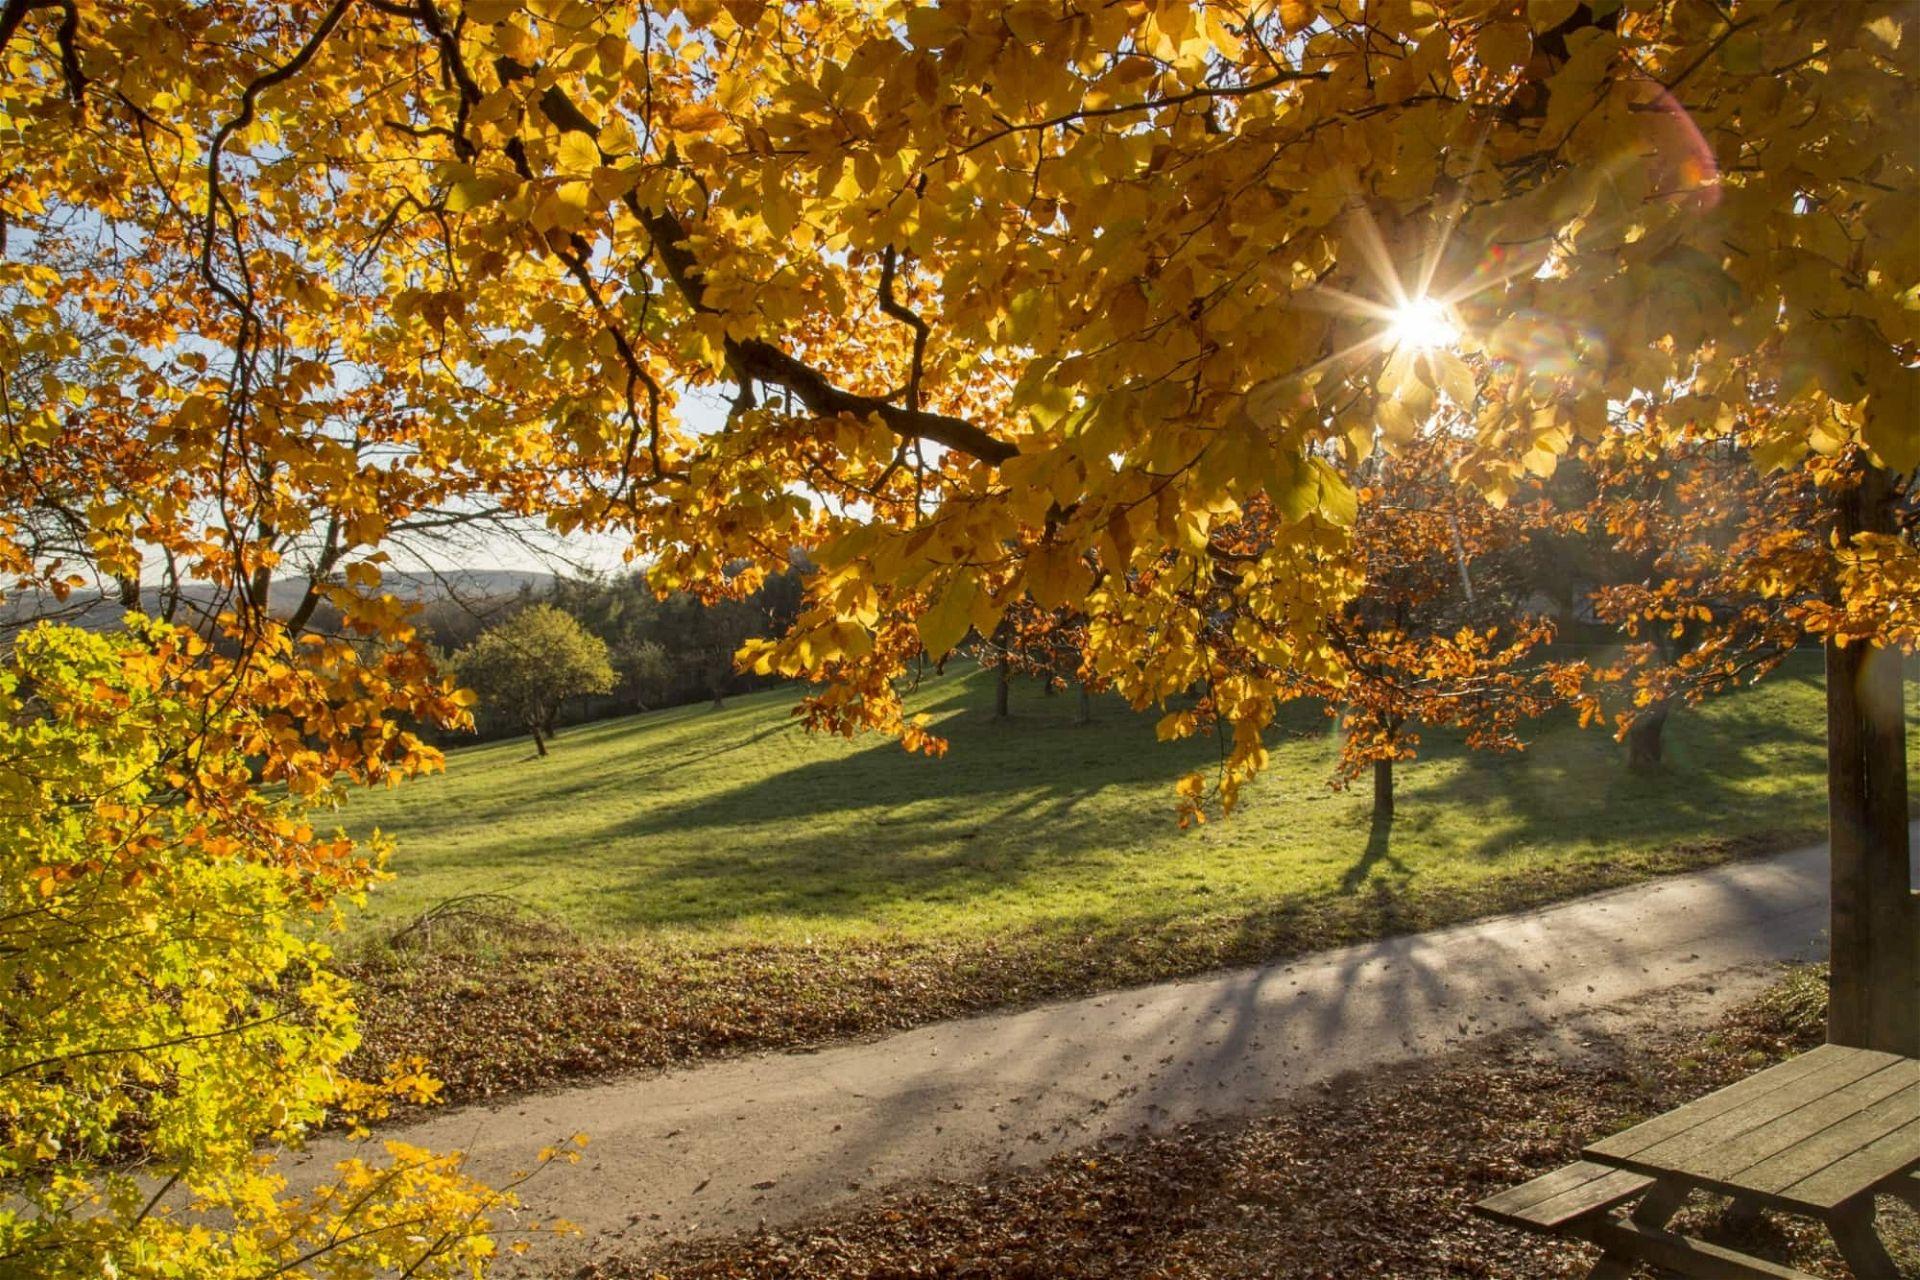 Herbstlicher Weg im Biosphärenpark Wienerwald